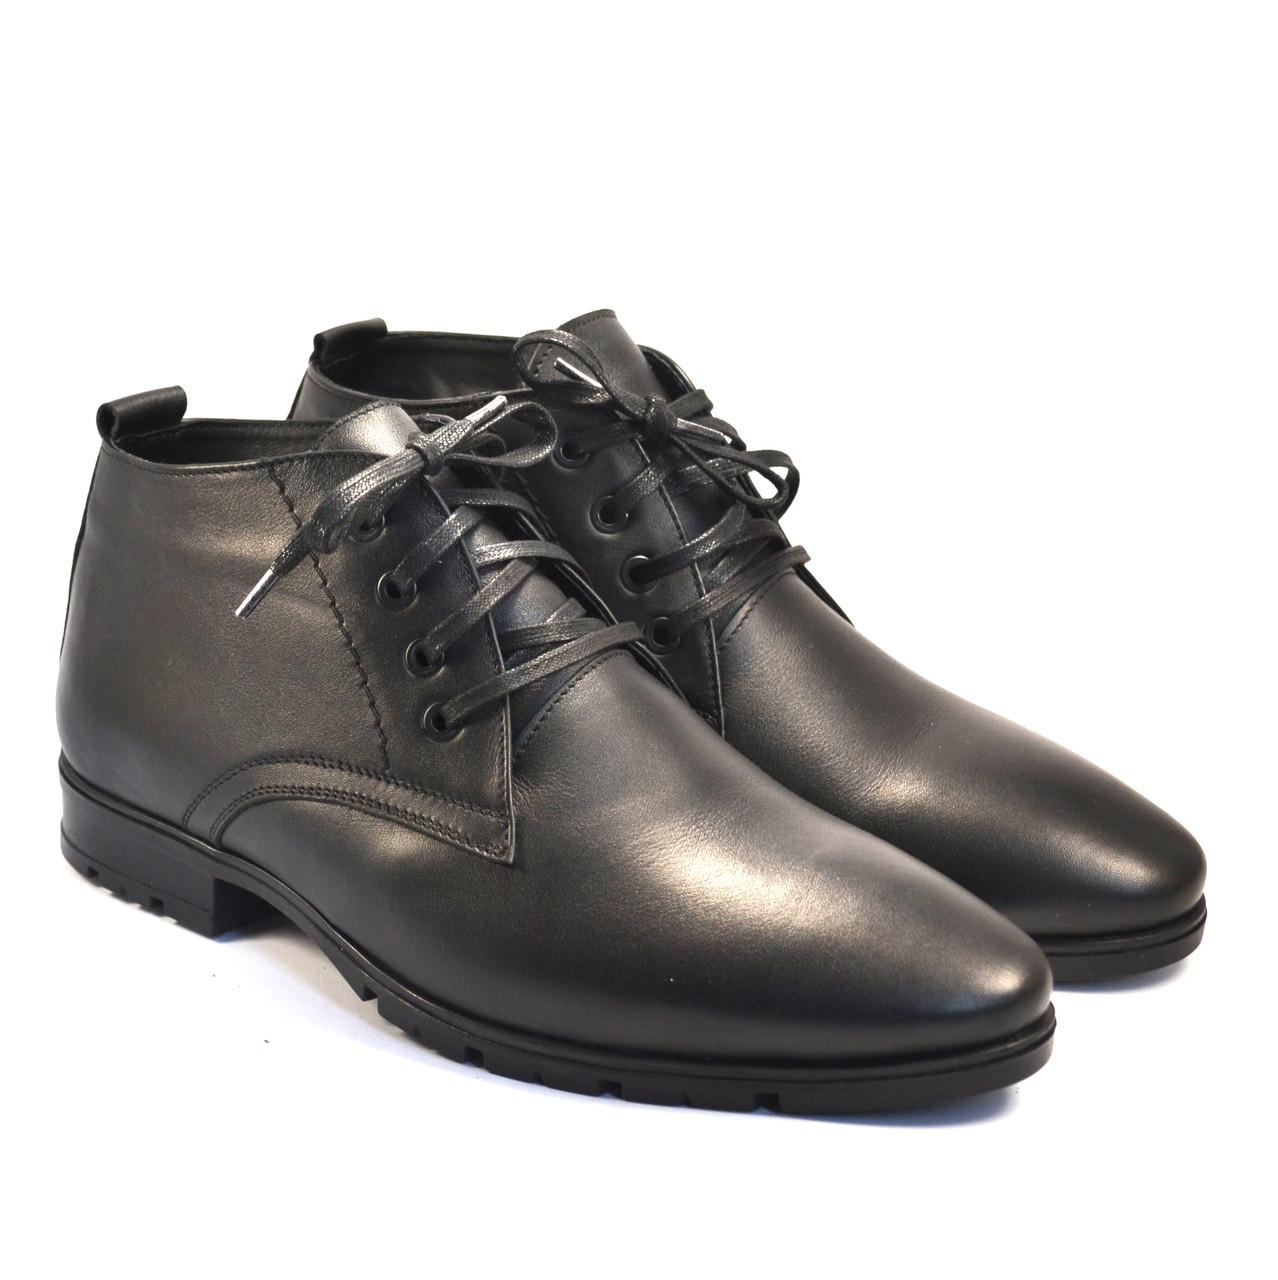 Шкіряні зимові чоловічі черевики чорні Rosso Avangard Bonmarito Classical Model Black